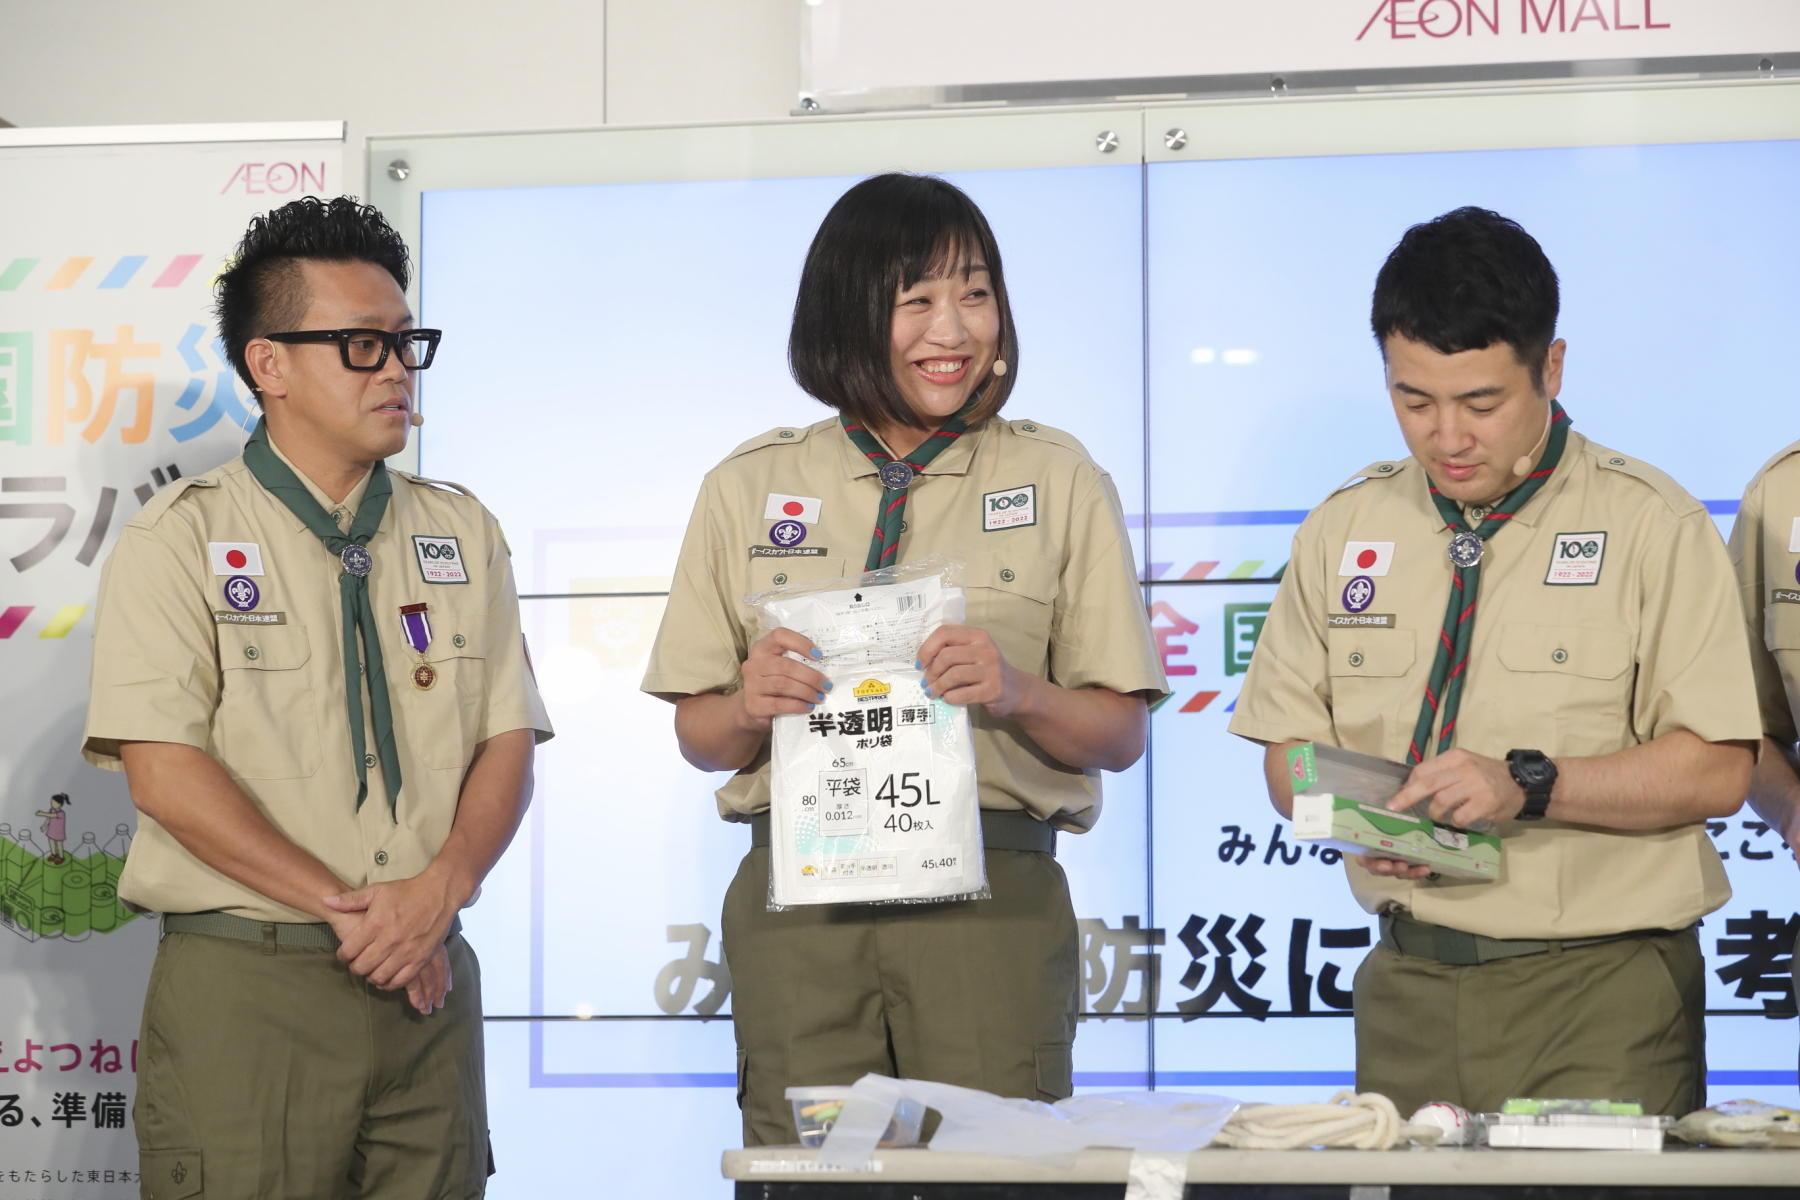 http://news.yoshimoto.co.jp/20180830175425-0d91b75dc58709edb7427ffcfb6f13b882082715.jpg